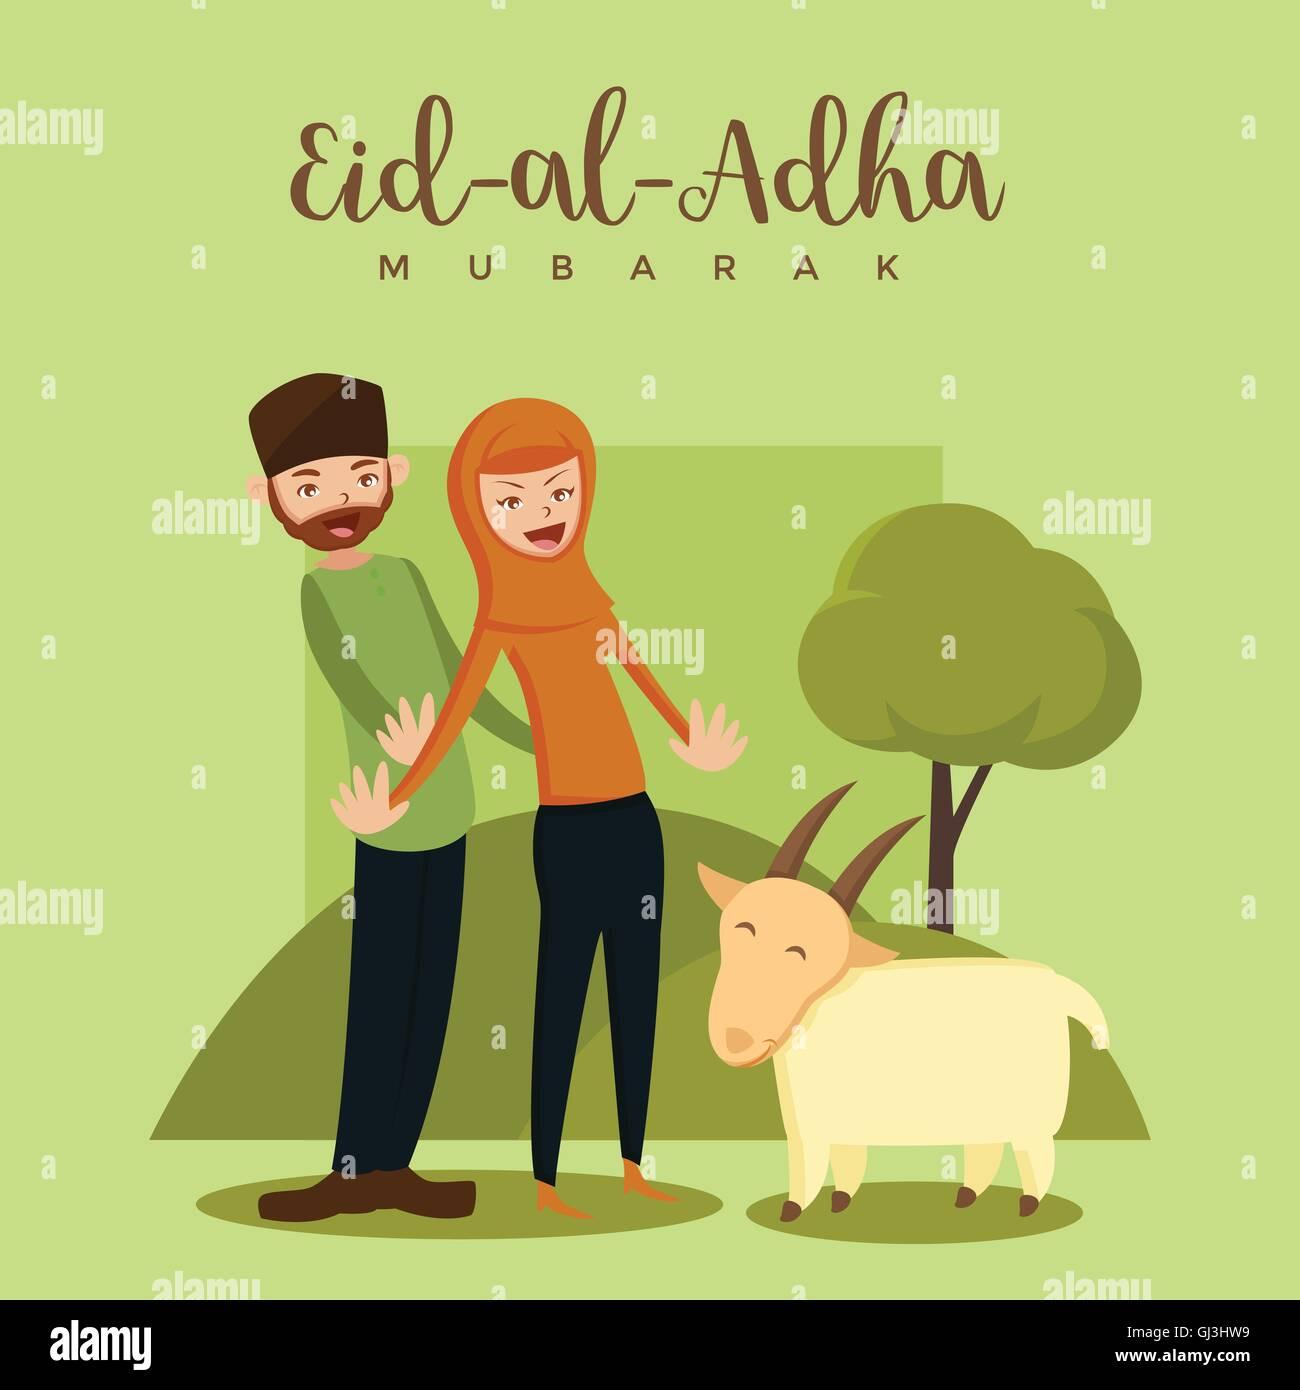 muslim couple eid al